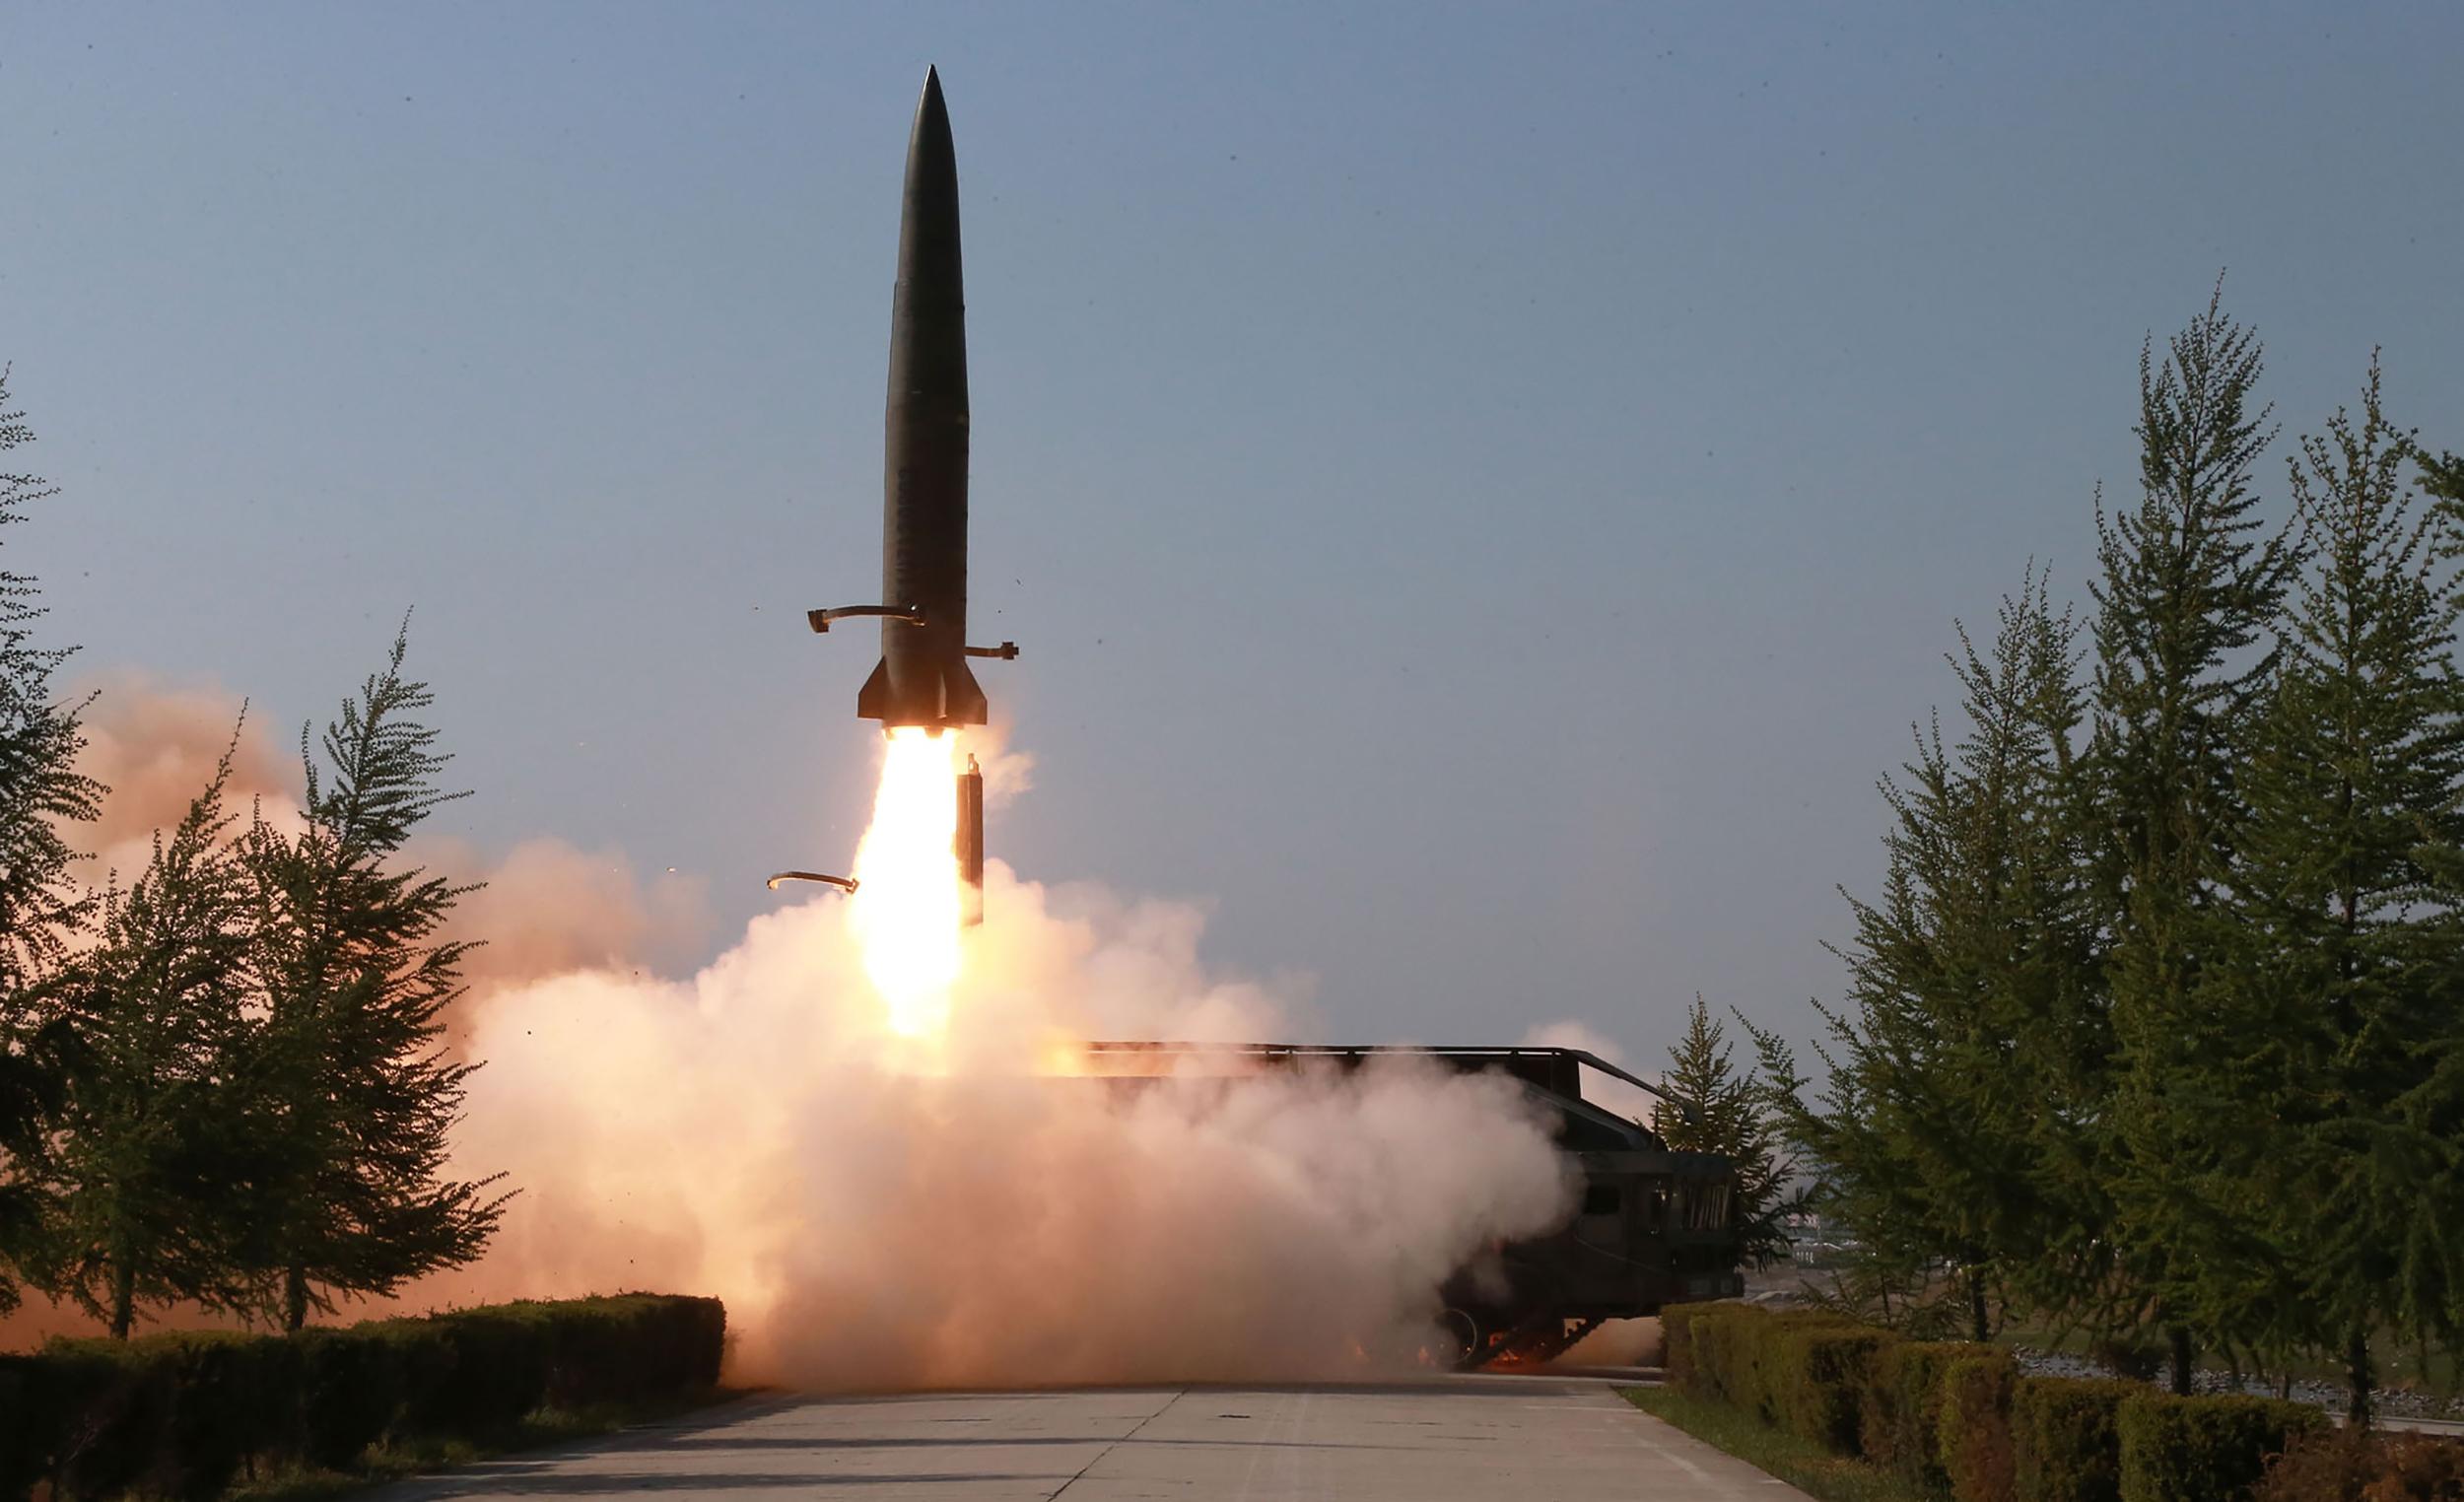 北韓於5月9日發射短程導彈。對此,美國總統特朗普表示,美方「非常嚴肅」對待這件事。(KCNA VIA KNS / AFP)